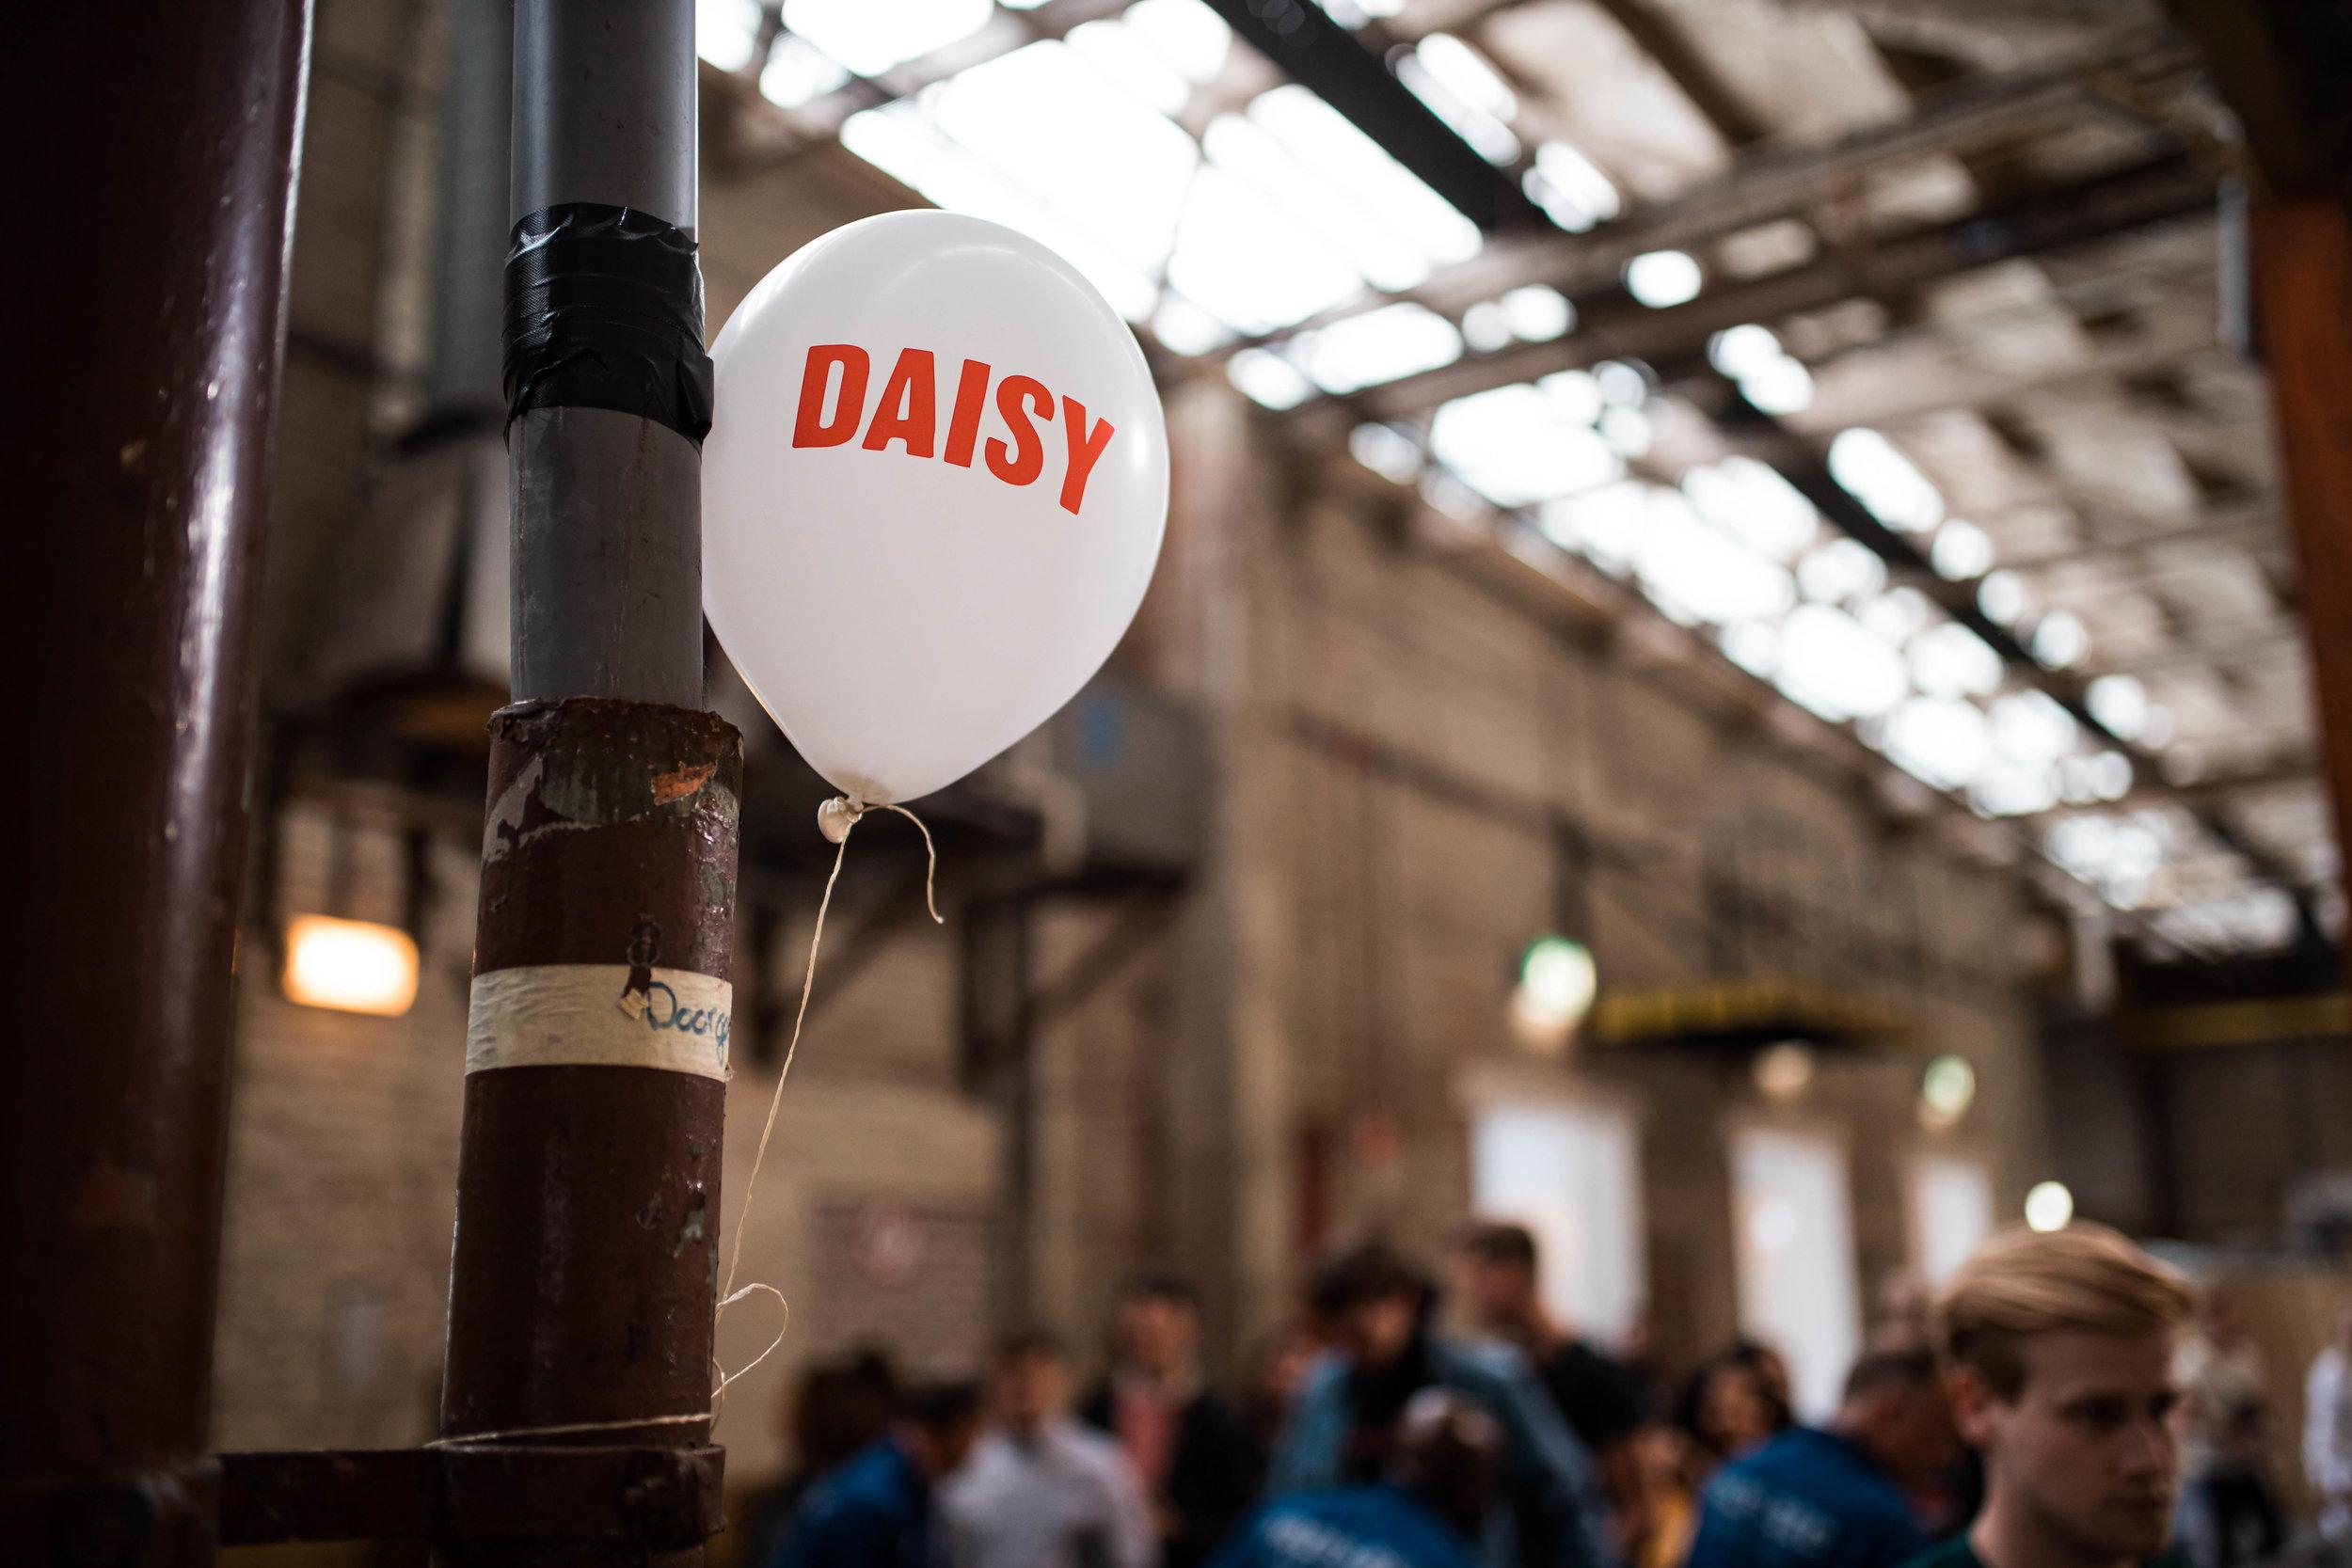 Nachtcollege_DaisyFestival_2019-11.jpg